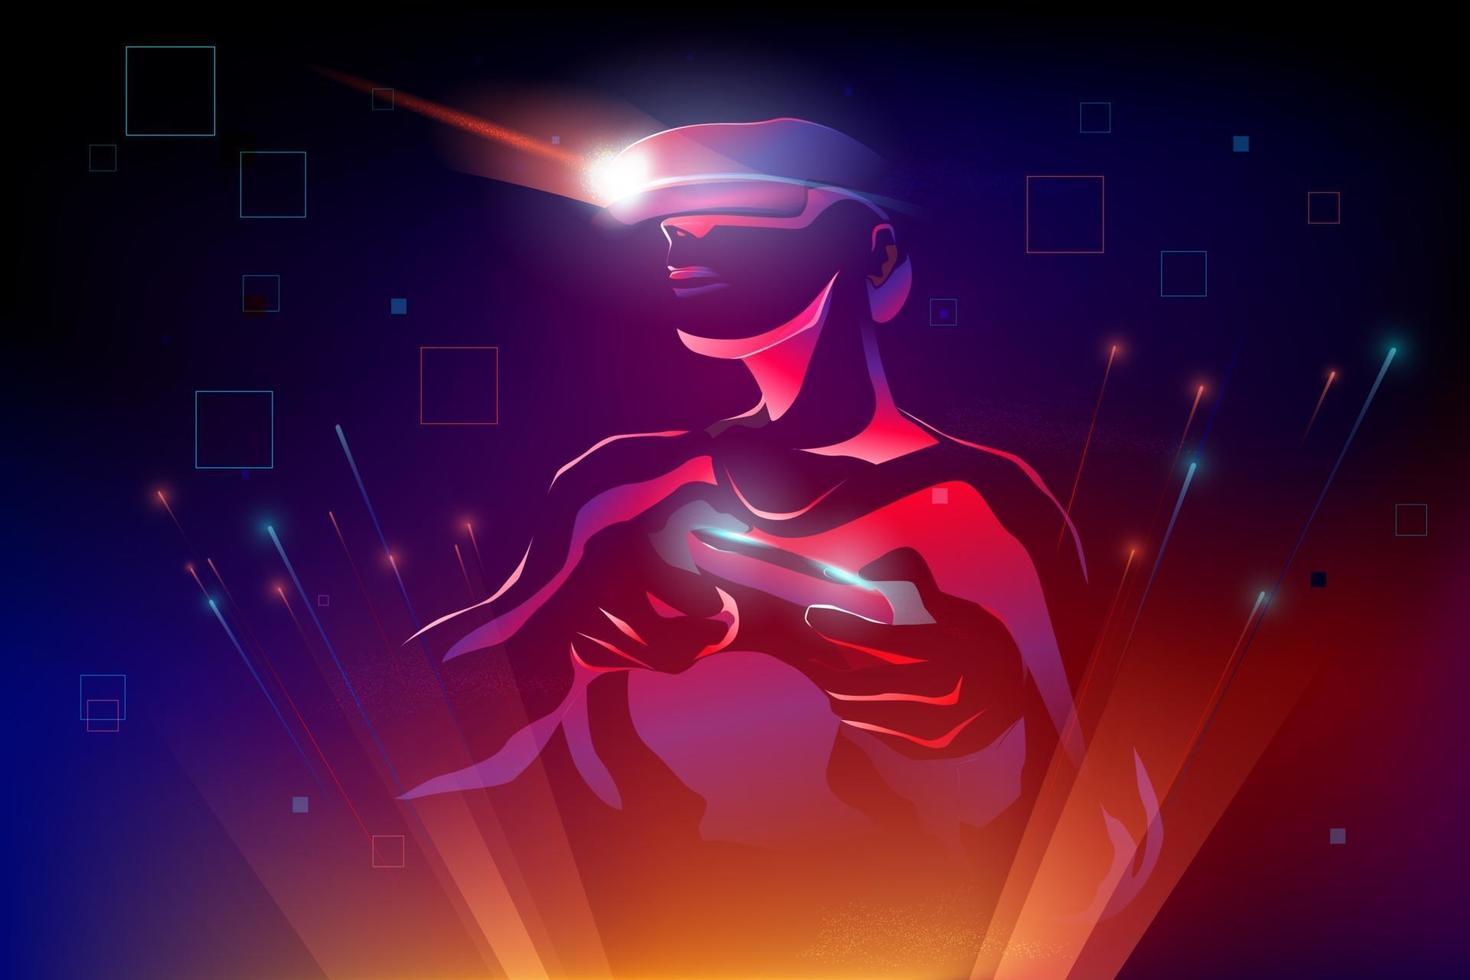 silhouet man met virtual reality-apparaat vr speelspel, beweging in abstracte digitale 3D-wereld, vectorillustratie verplaatsen vector